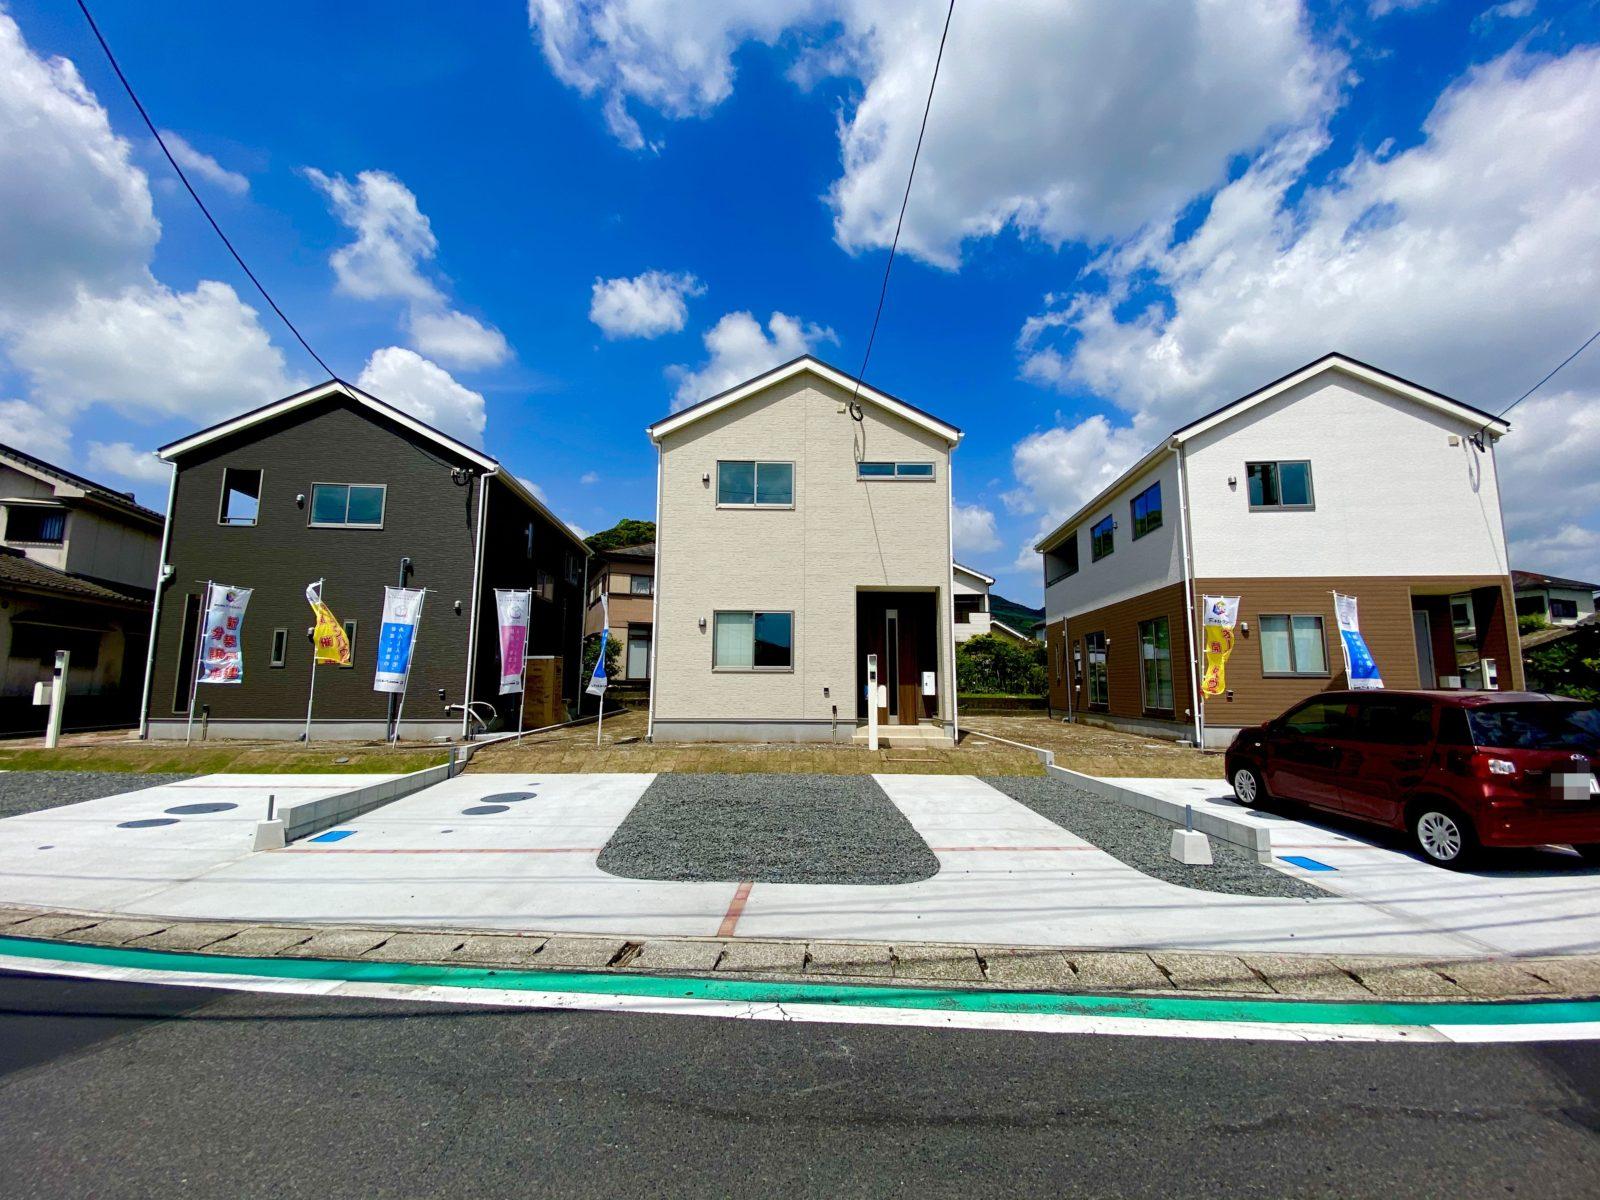 鹿児島市中山町でオープンハウス